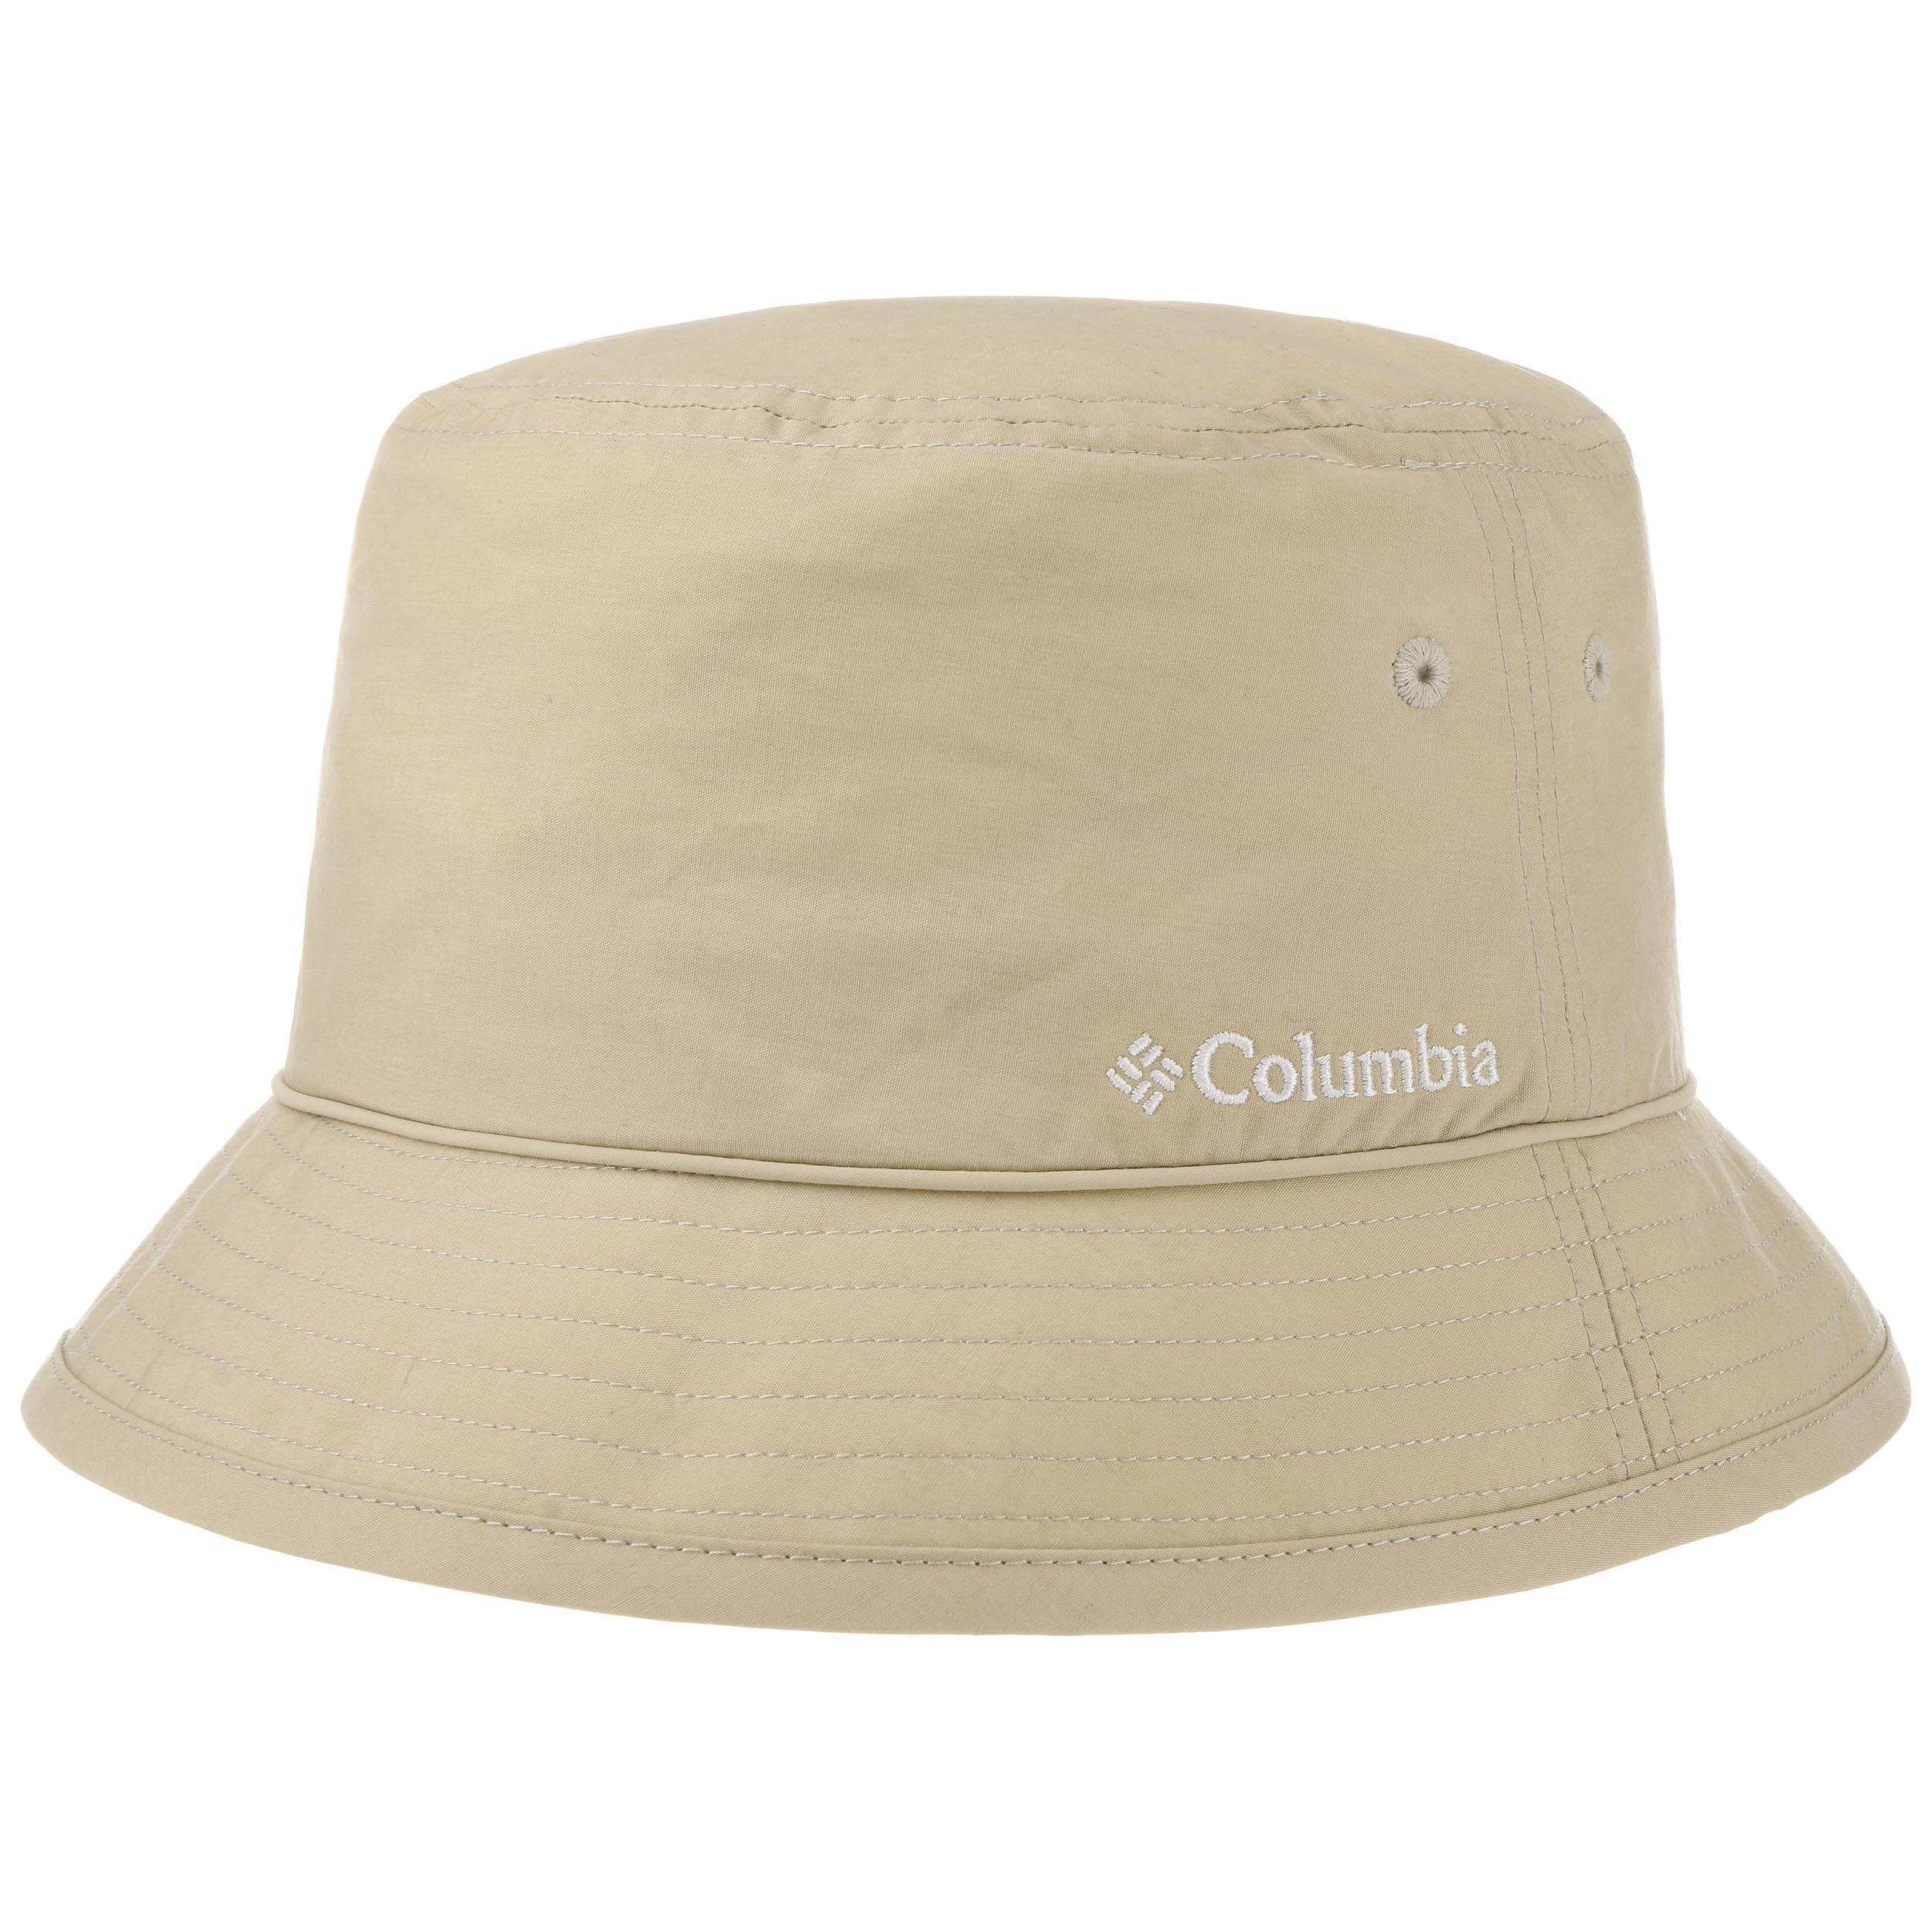 ... Cappello da Pescatore Pine Mountain by Columbia - beige 5 ... 602a08bd3fb4